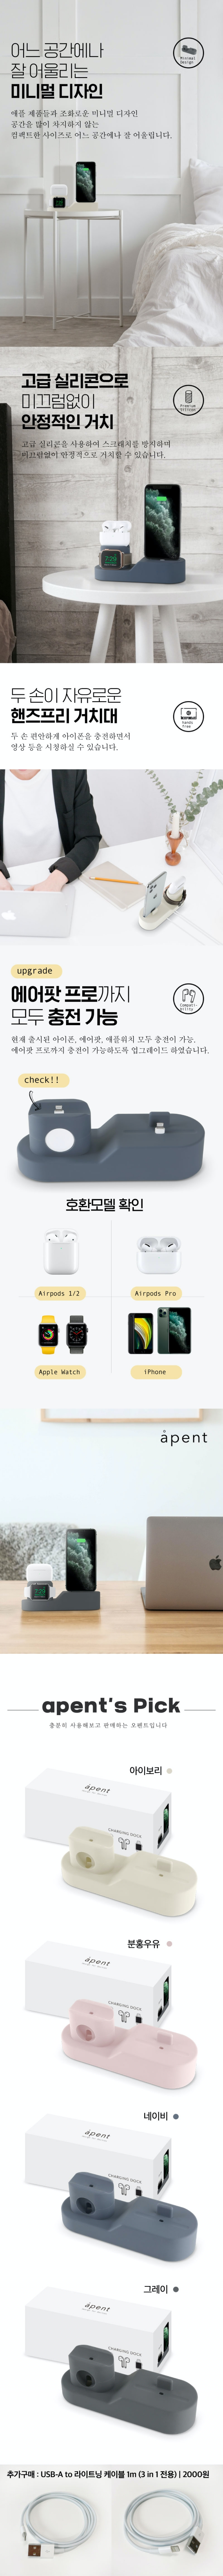 오펜트 애플워치 아이폰 에어팟  3in1 충전 거치대 - 오펜트, 15,500원, 스마트워치/밴드, 스마트워치 주변기기